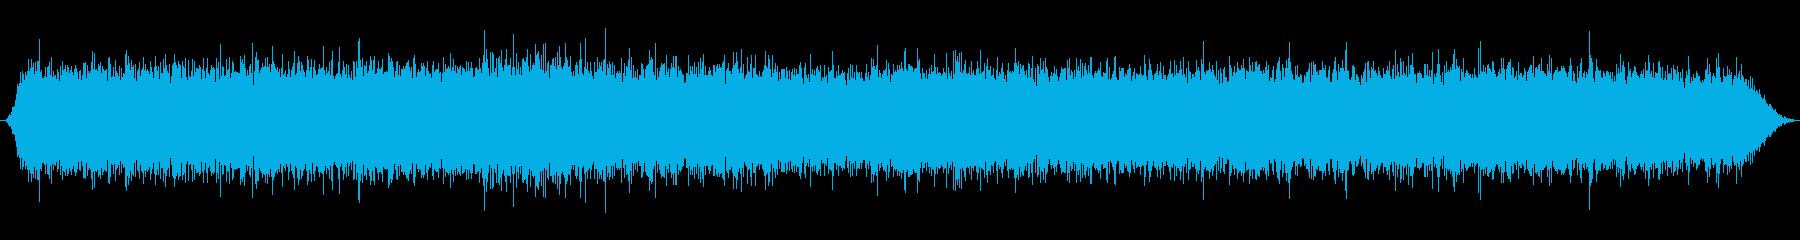 重い滝、遠くの滝の再生済みの波形